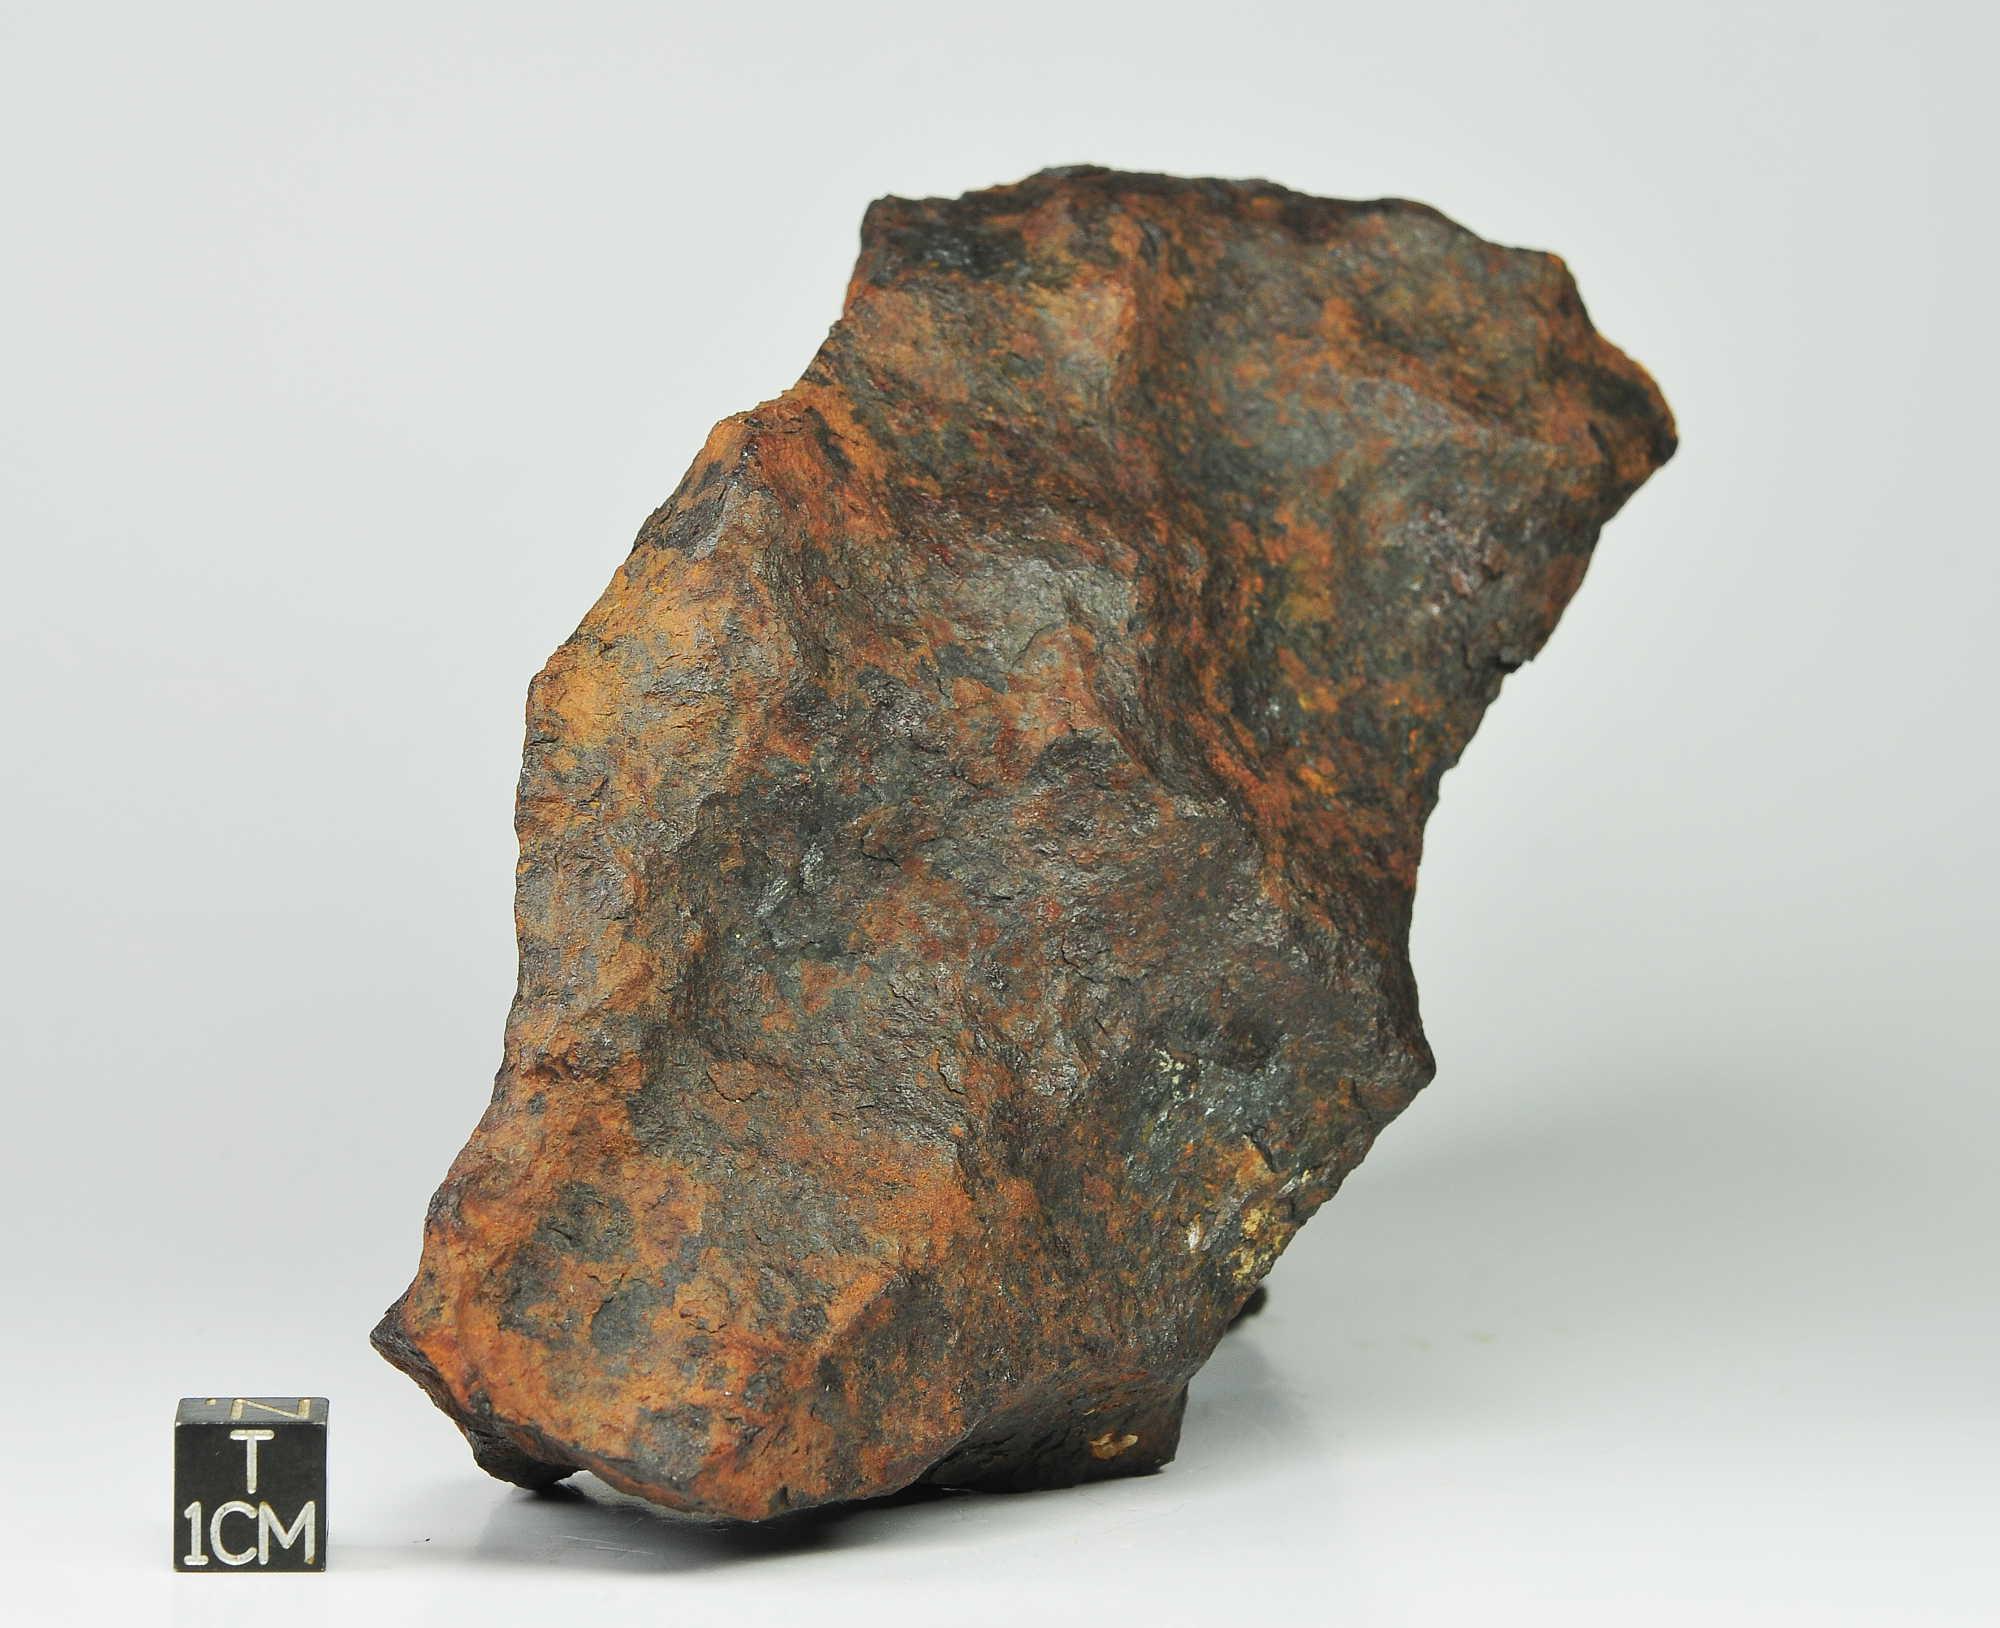 Canyon Diablo IAB 1195g (1)